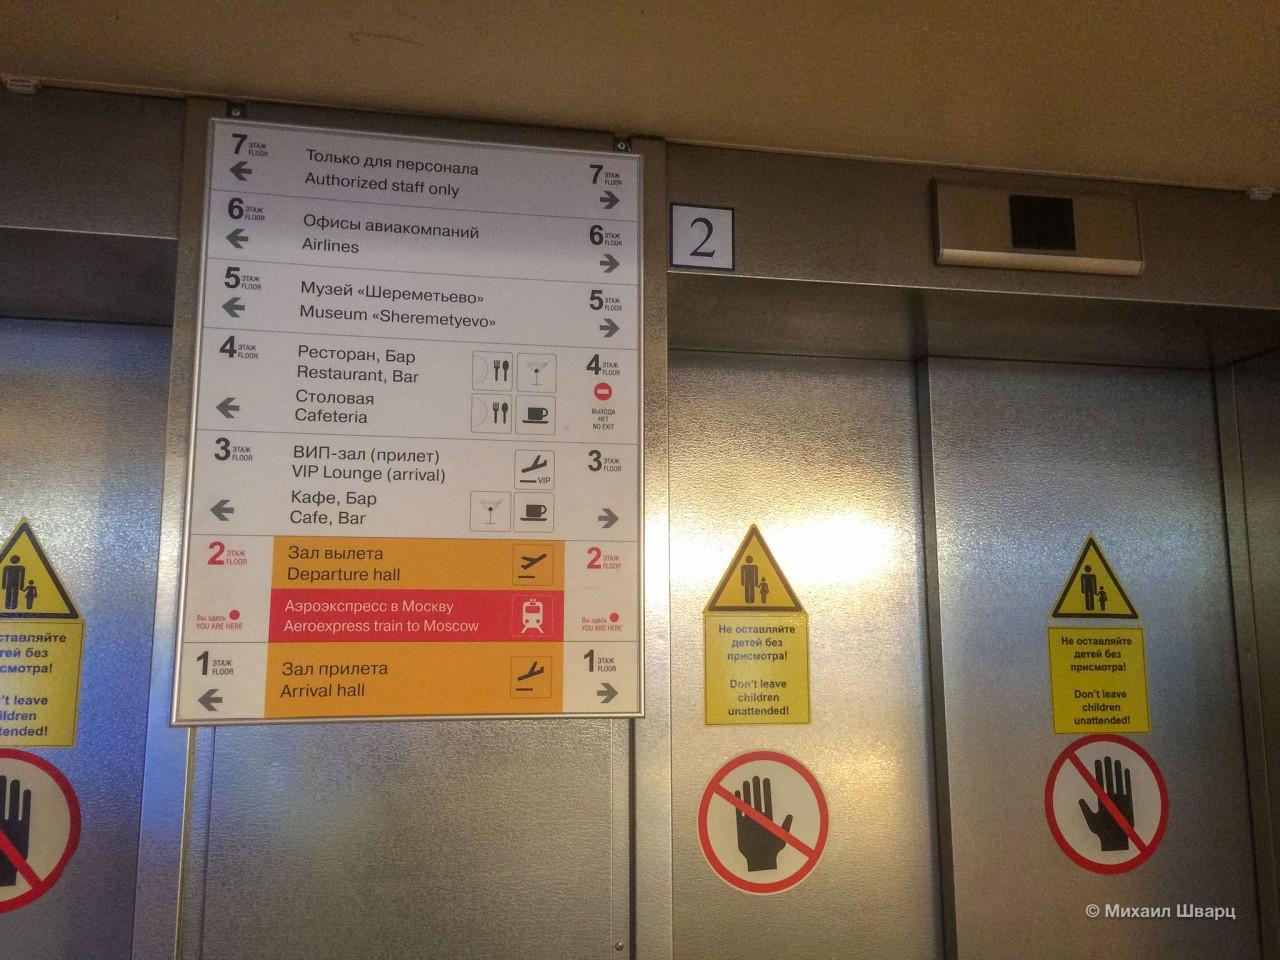 Лифты под табло, едем на 4 этаж